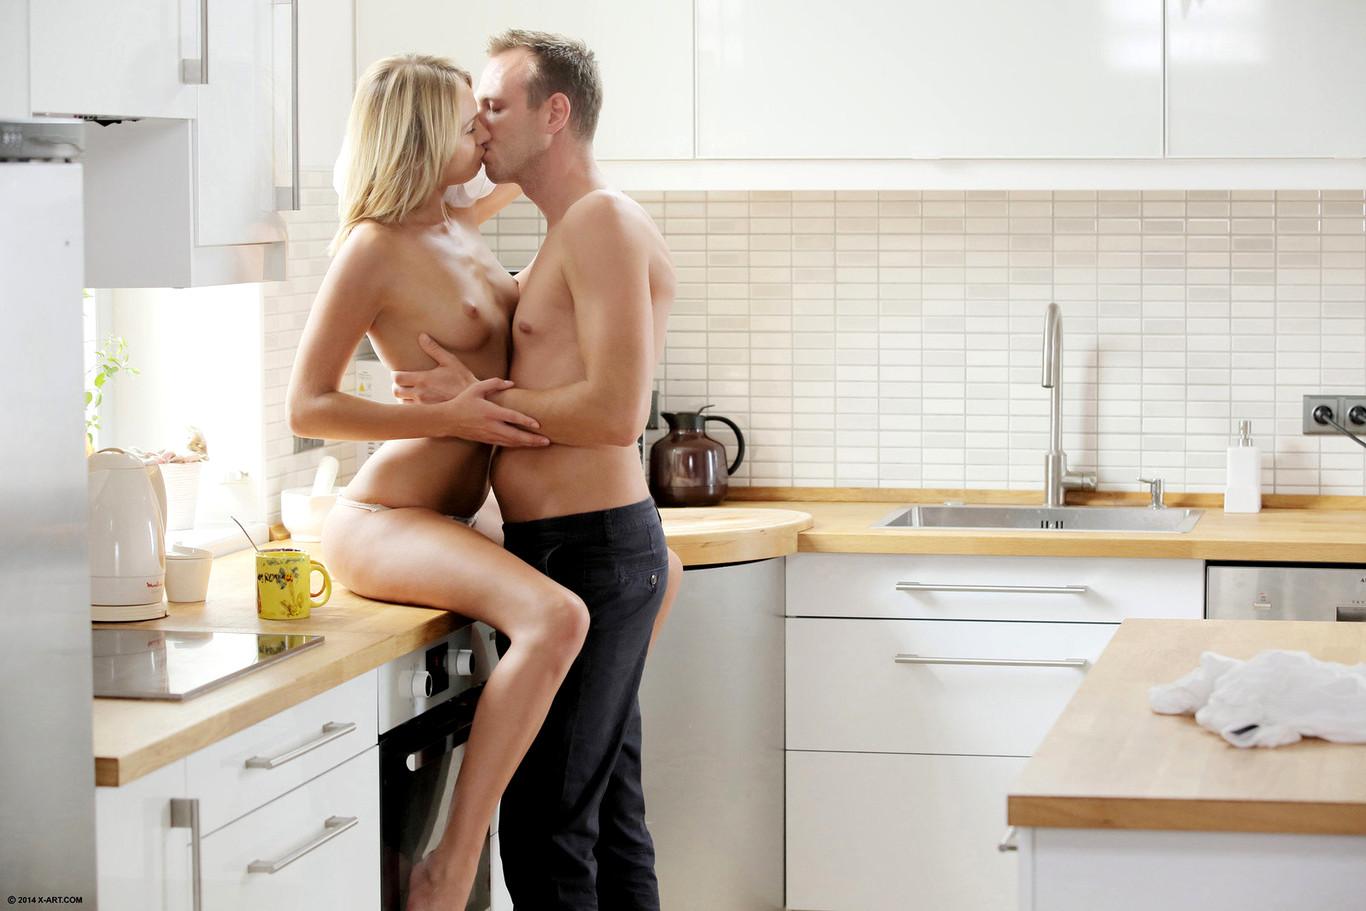 дети порно страстный секс на кухне заменяет ужин работу новом